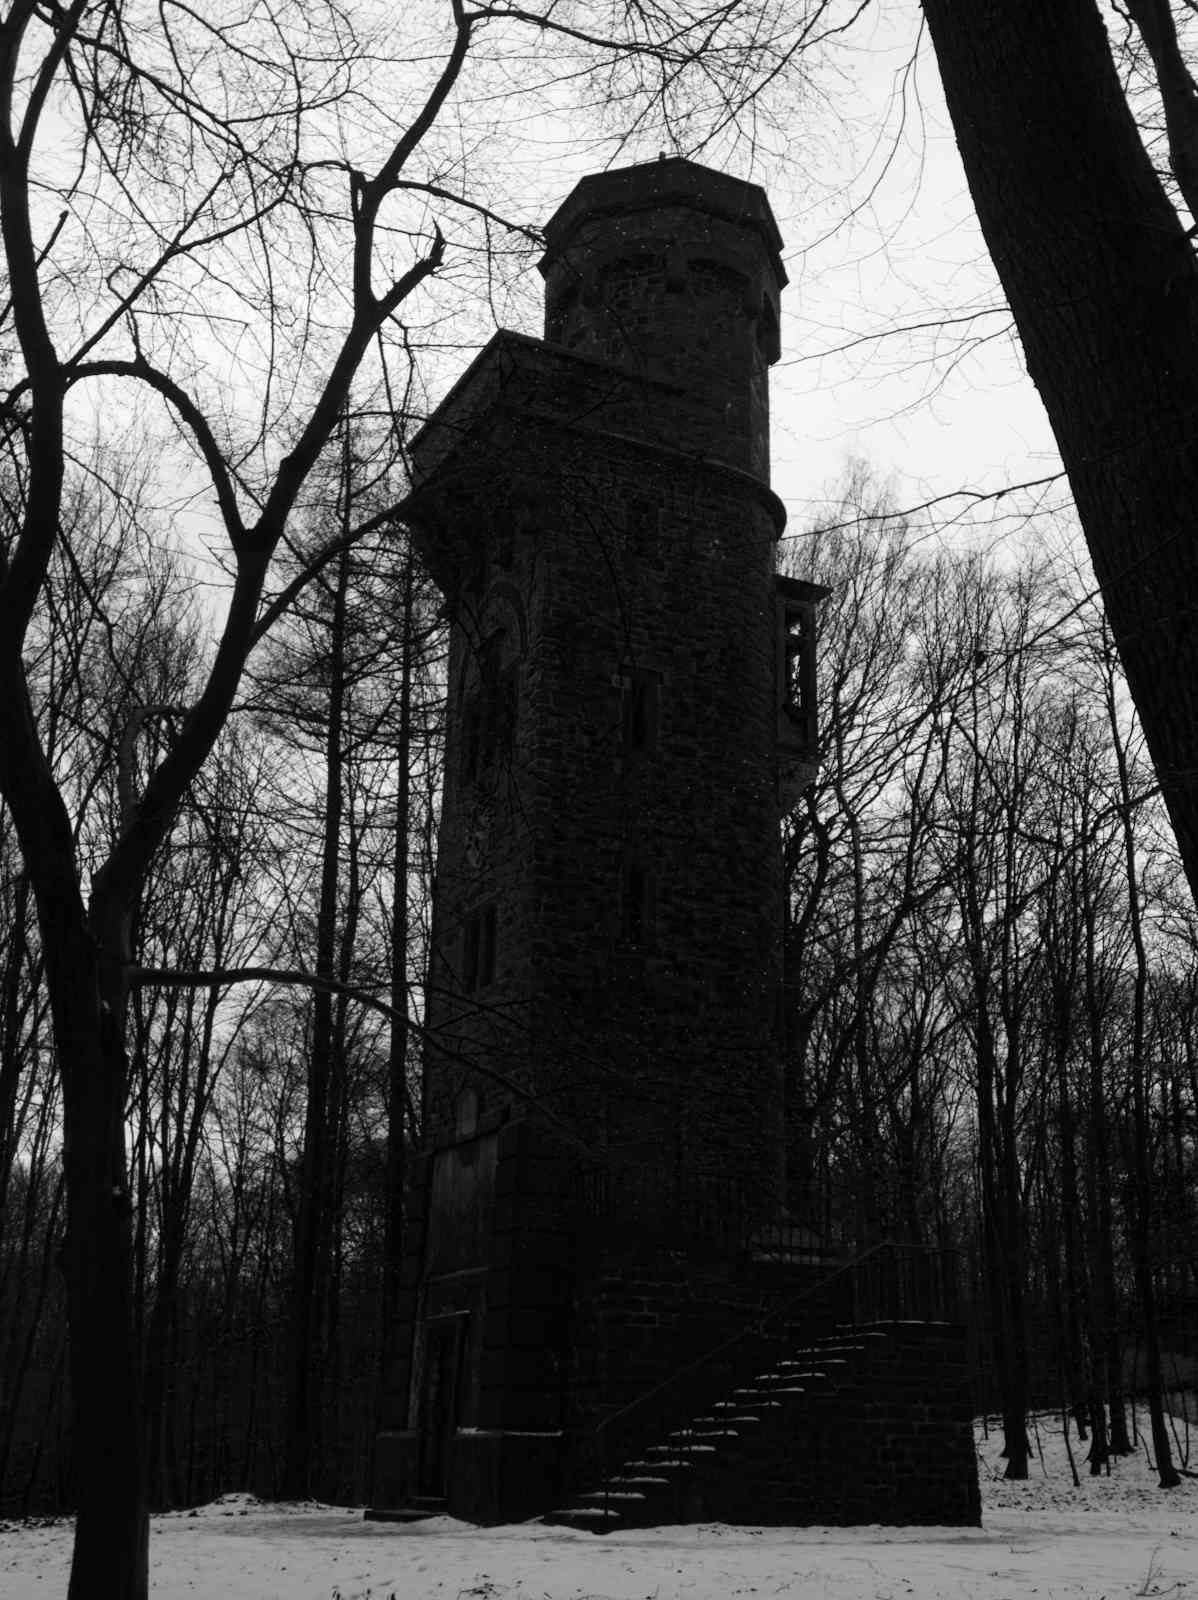 Von-der-Heydt-Turm 2